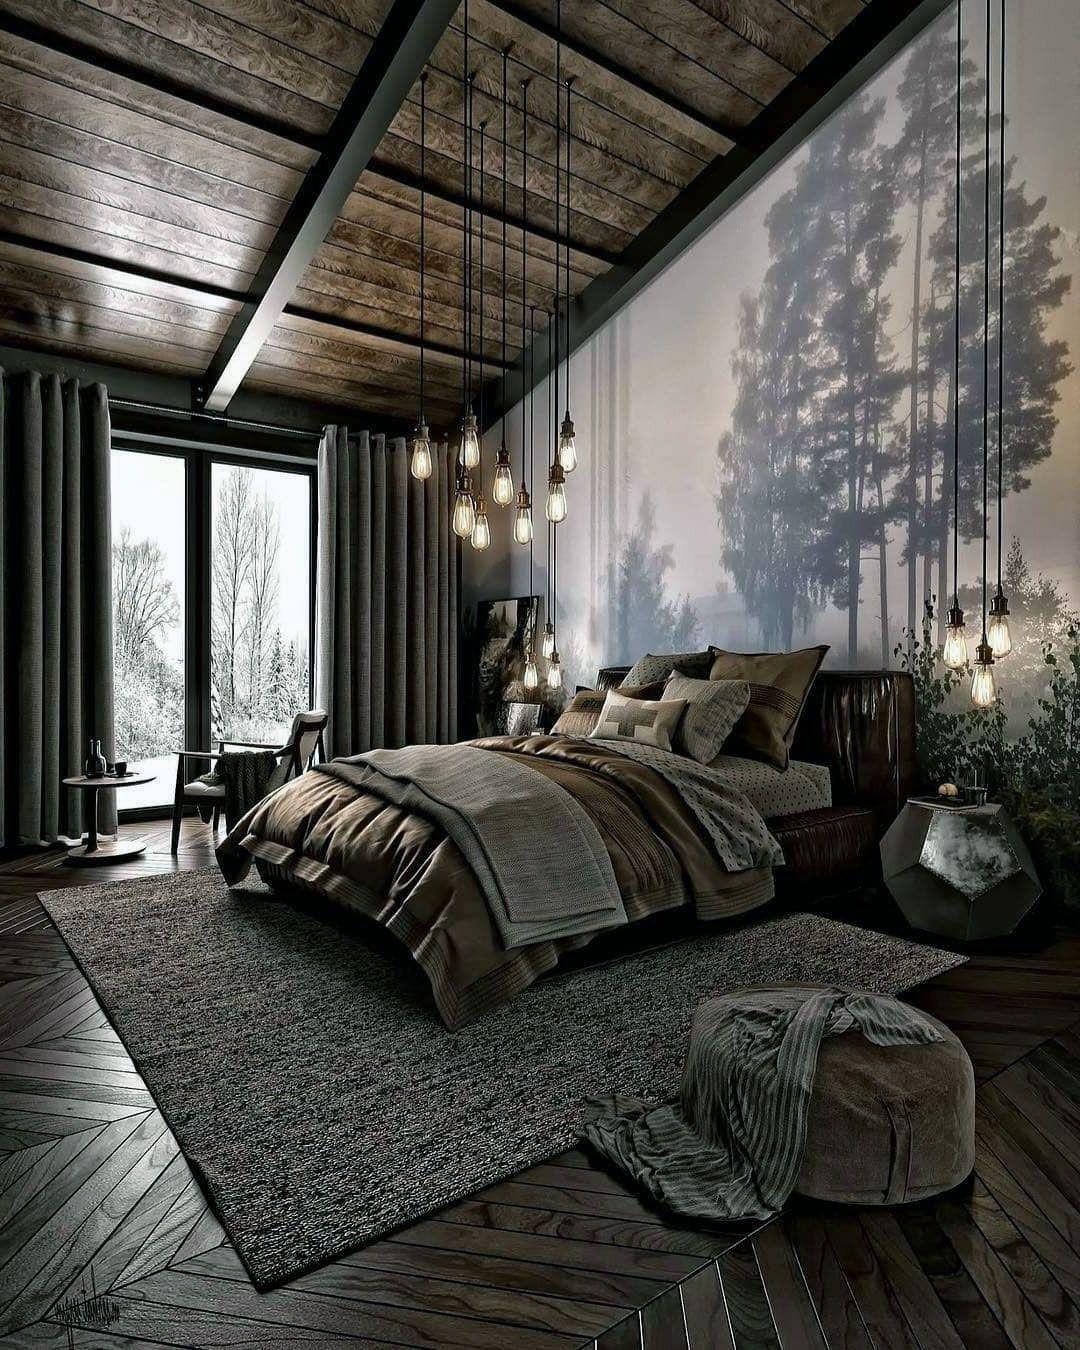 41 Beautiful Scandinavian Bedroom Loft Design Ideas In 2020 Cozy Bedroom Design Scandinavian Interior Bedroom Loft Design